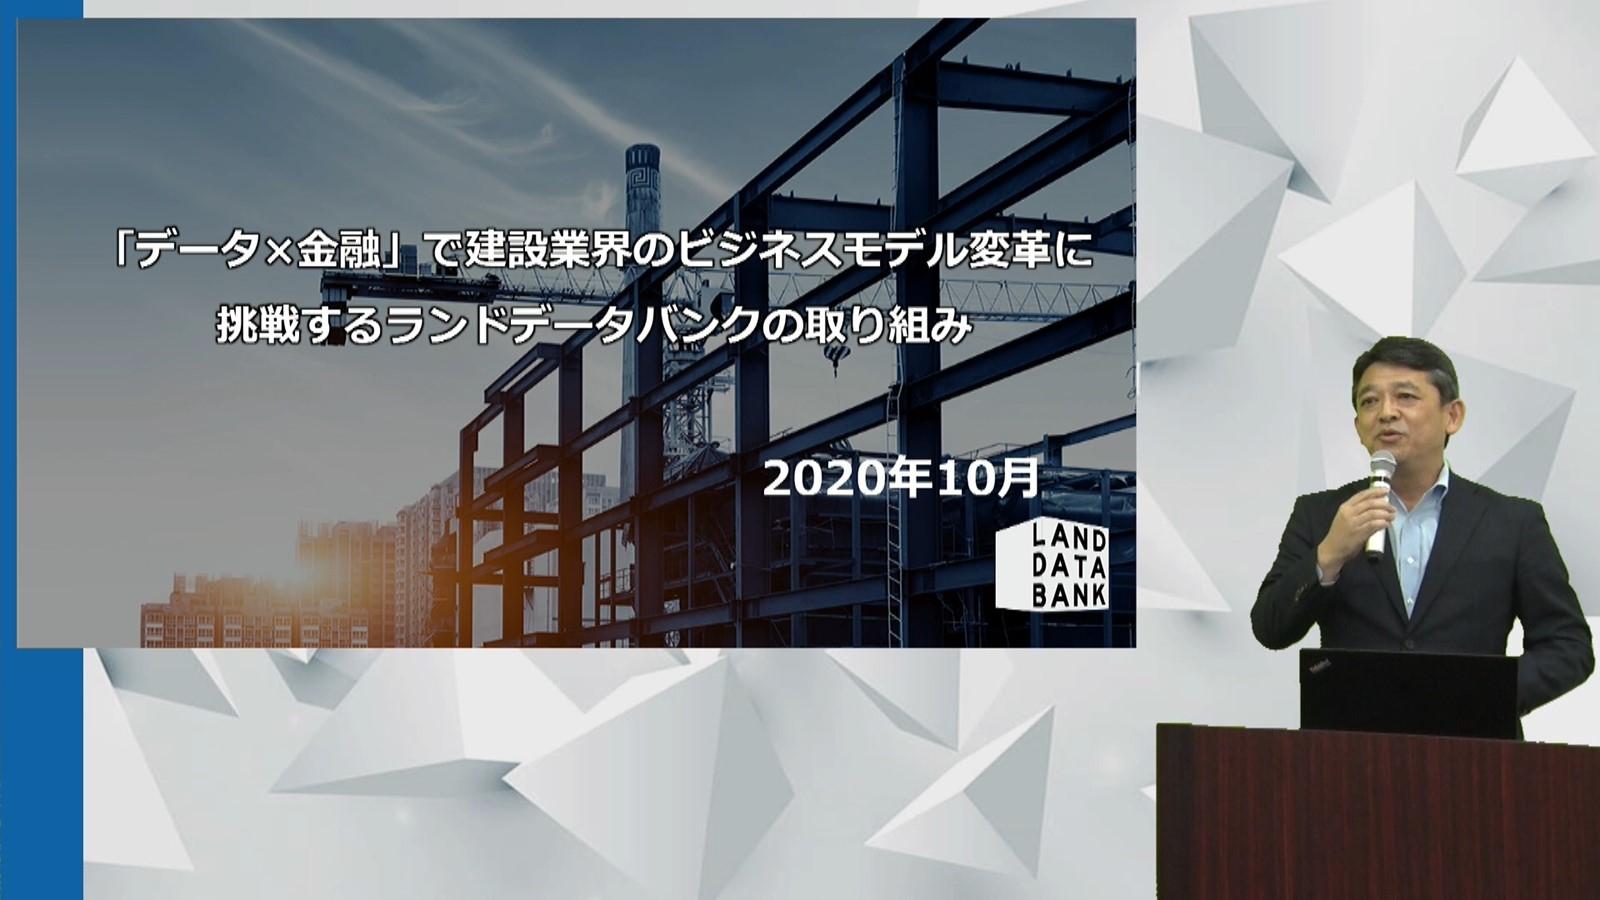 「日経クロステック EXPO 2020」で講演するランドデータバンクの徳永順二社長